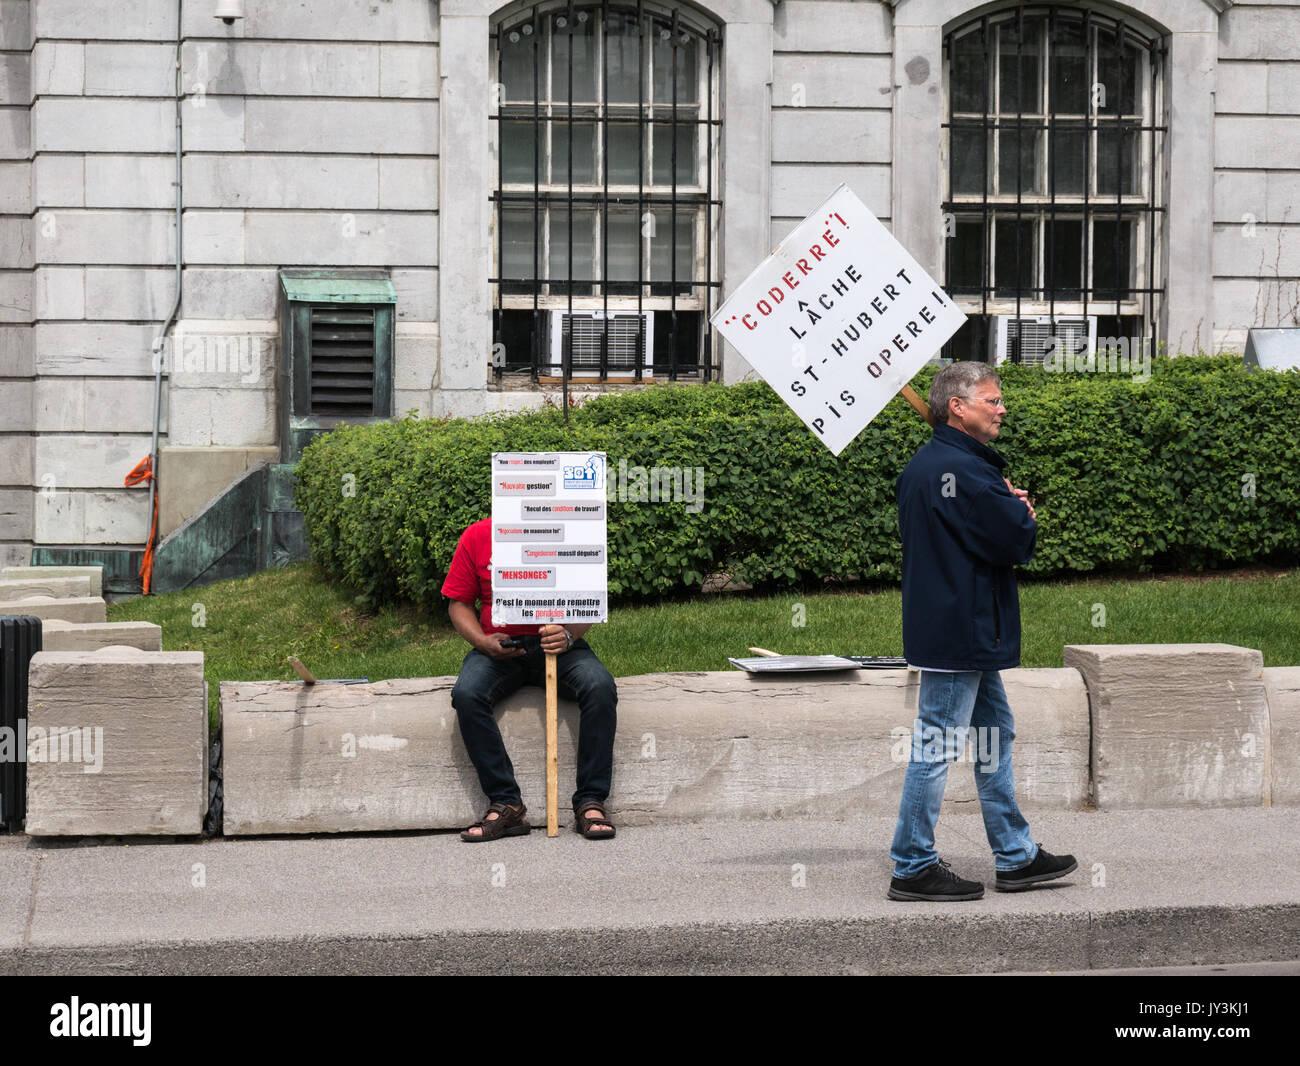 Los trabajadores protestaban por las políticas del empleador. Imagen De Stock